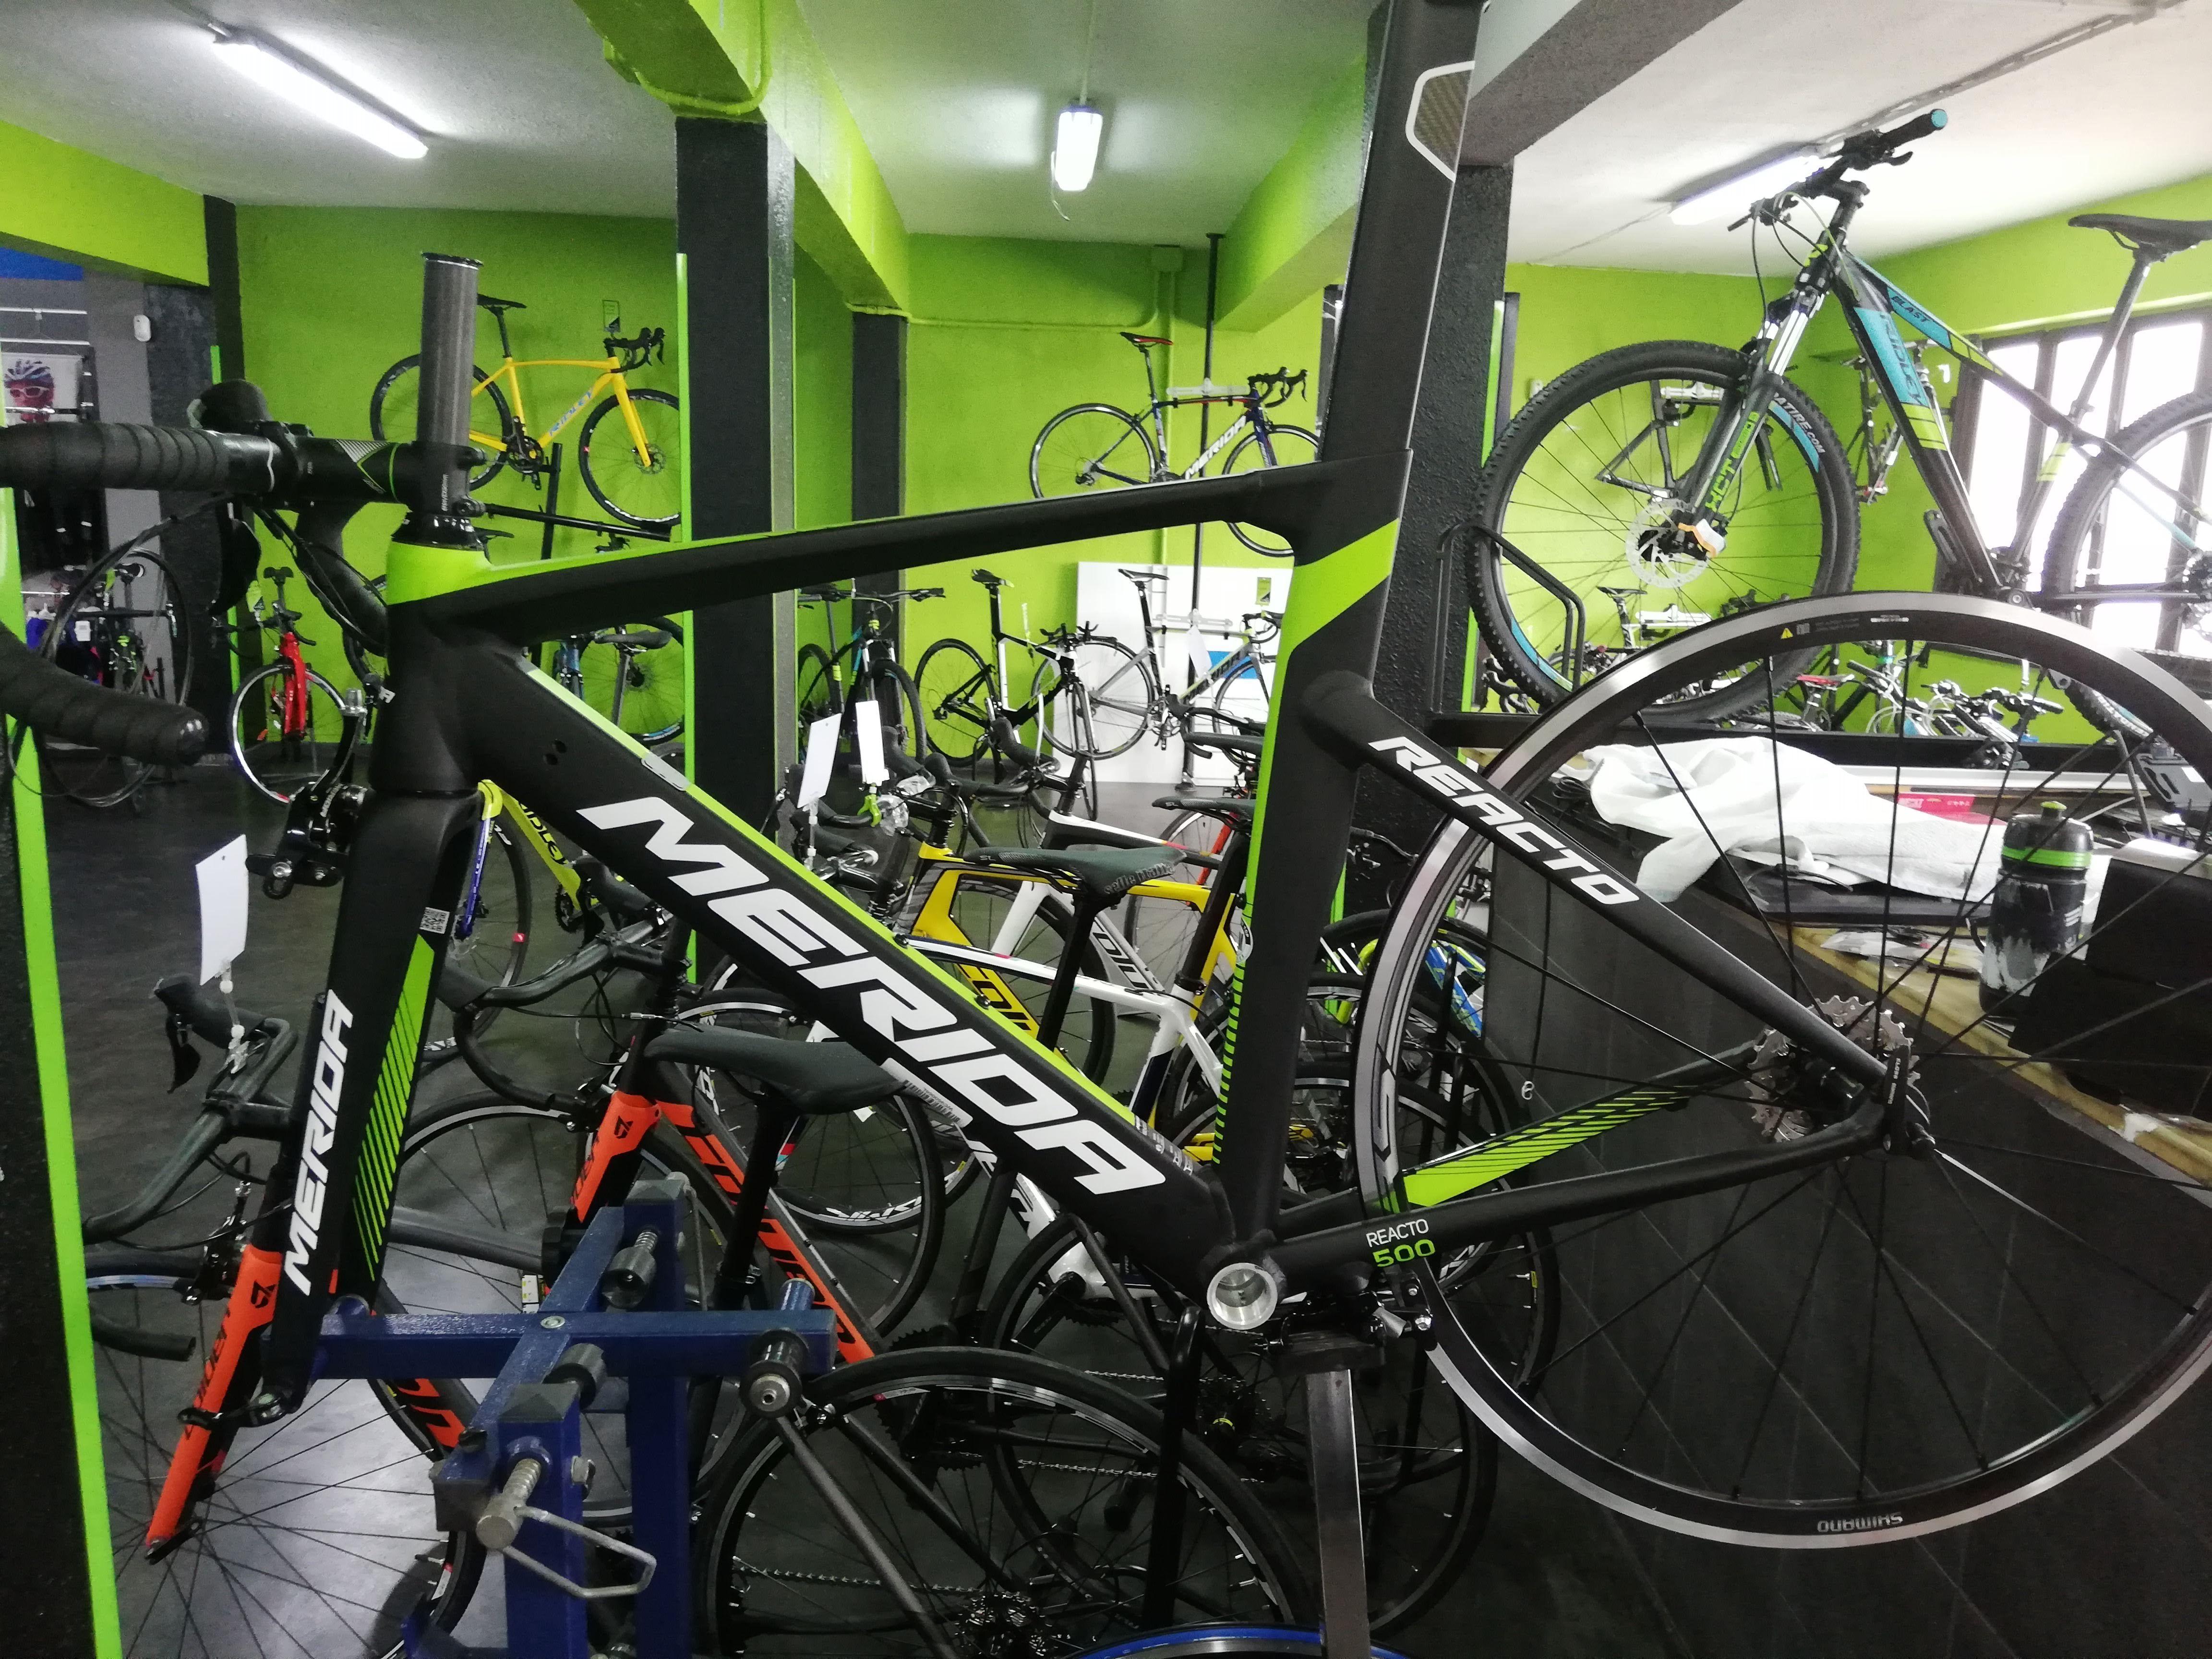 Gofi's Bici